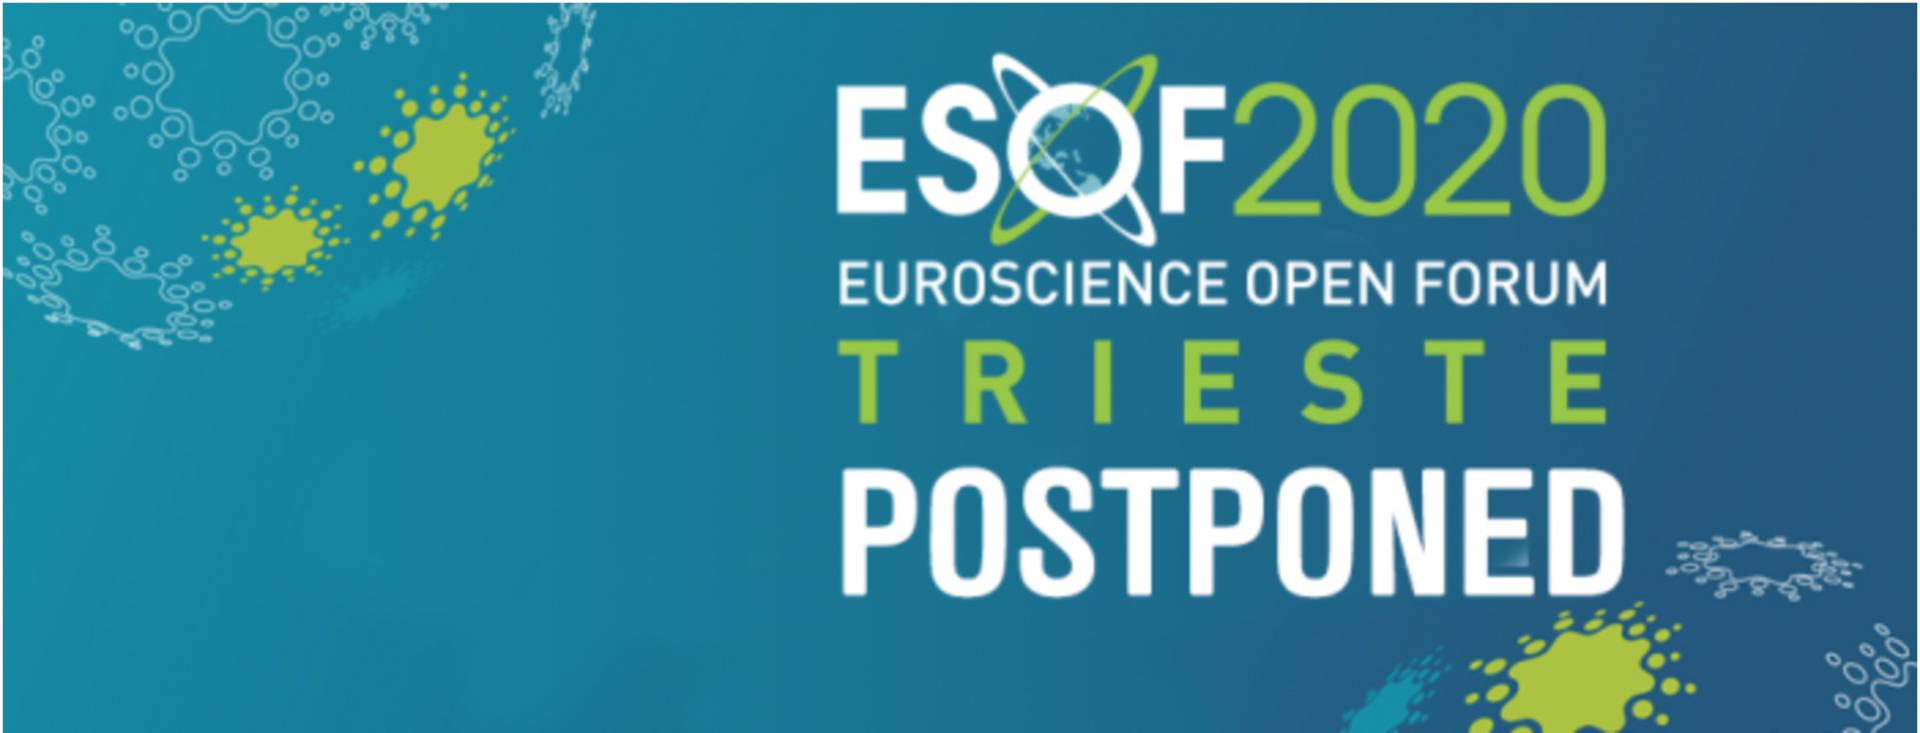 EuroScience Open Forum – ESOF2020 Trieste  rinviato al 2 – 6 settembre 2020